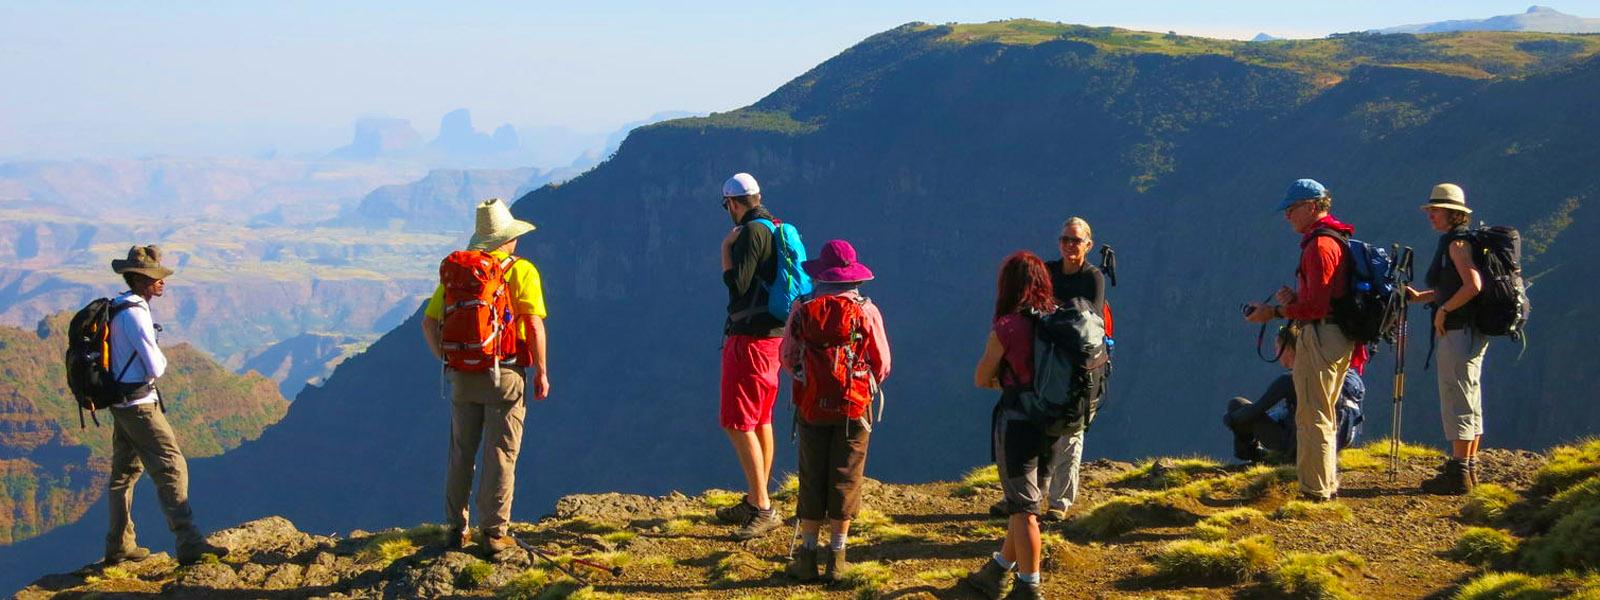 Simien Mountains Tour And Trekking Ethiopia 2 – Wisdom Ethiopia Tours